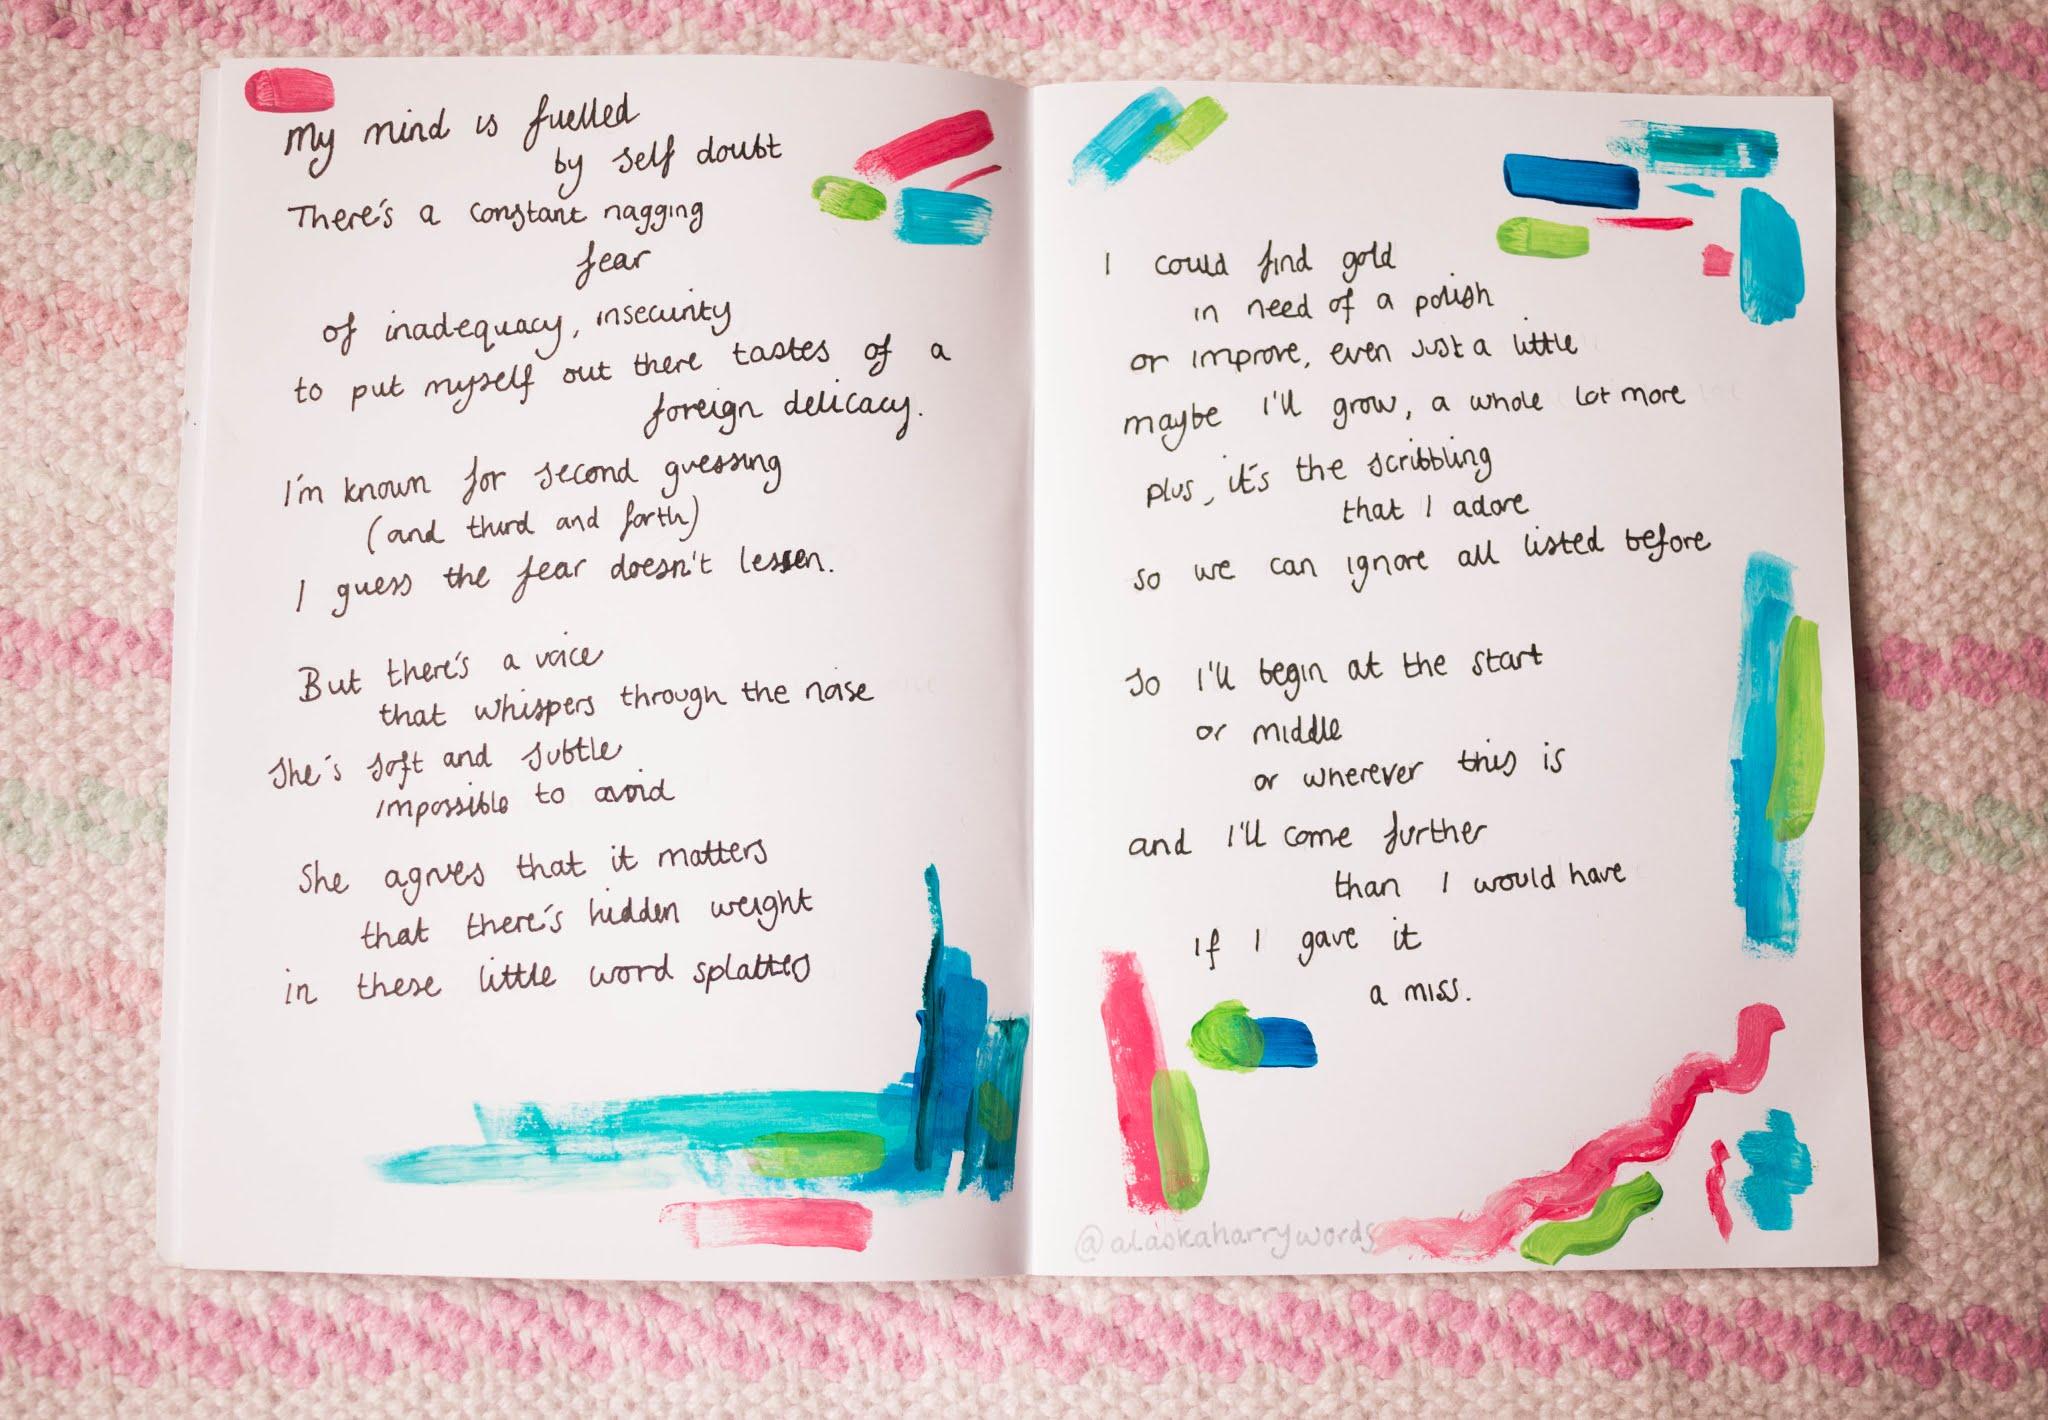 Poem written by Chloe Harriets